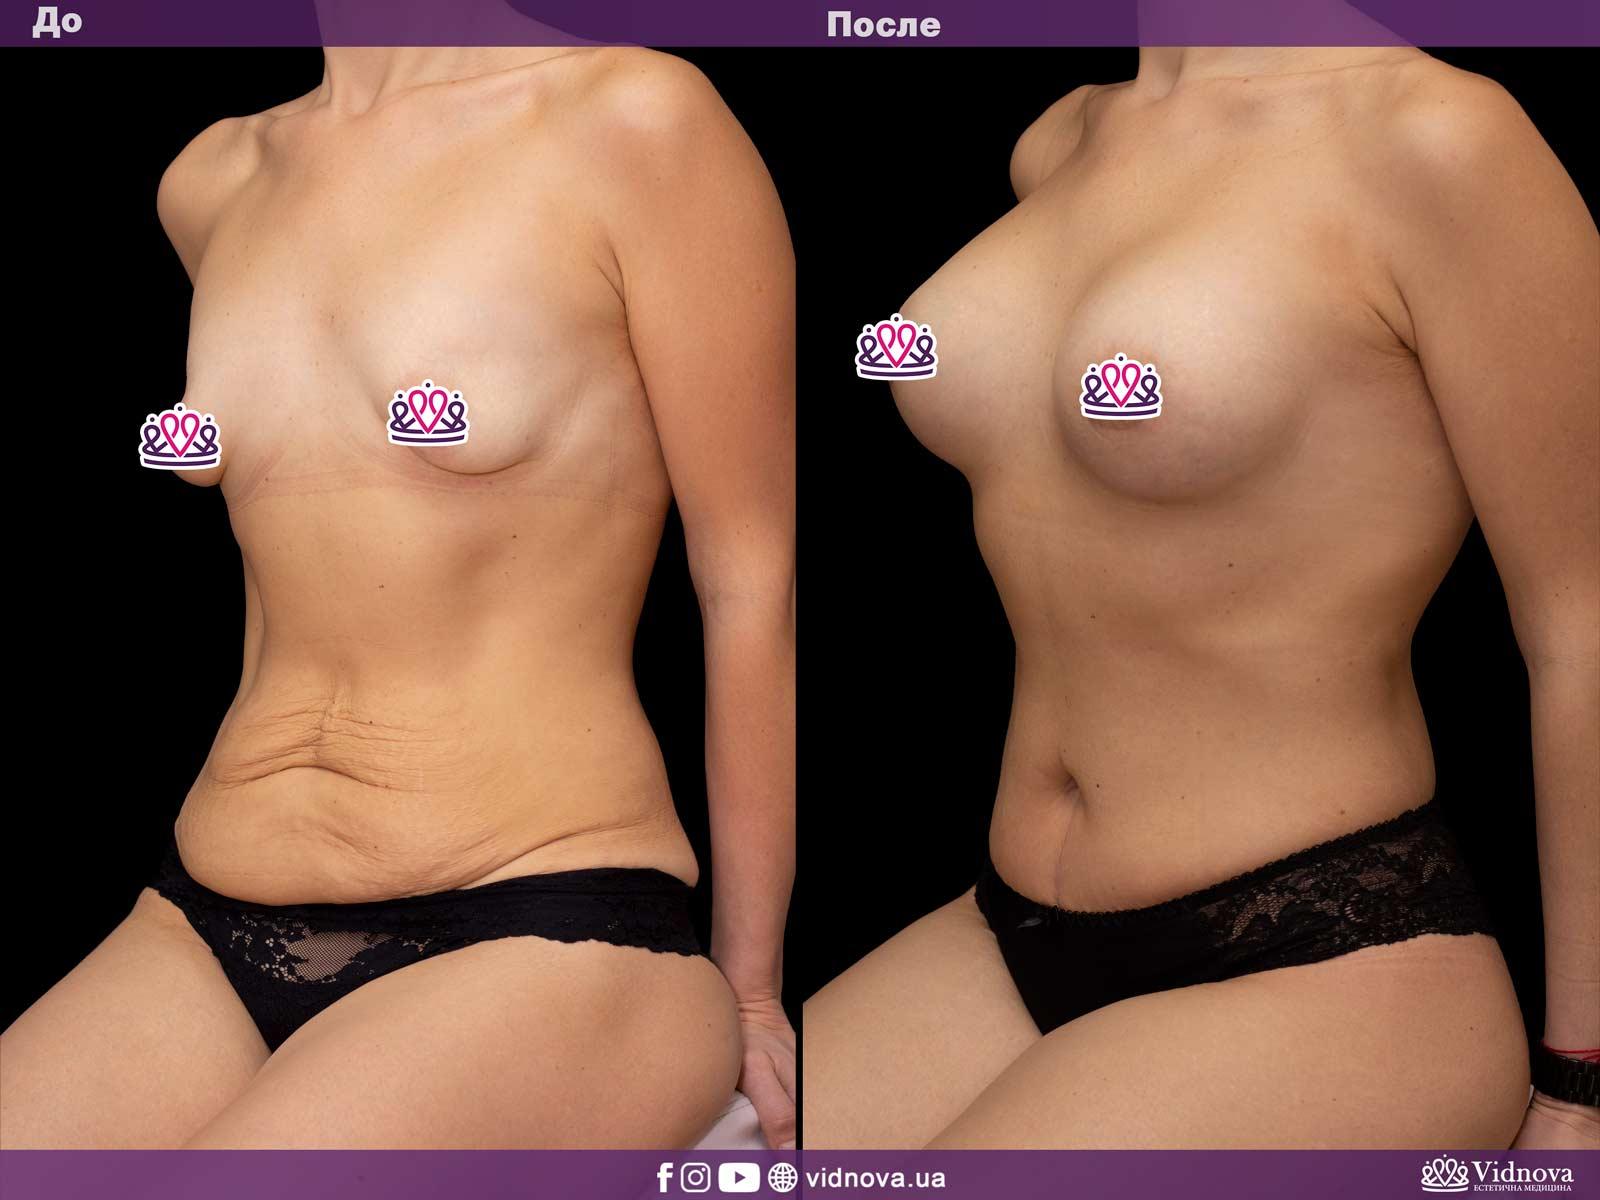 Совмещенные операции: Фото До и После - Пример №4-1 - Клиника Vidnova